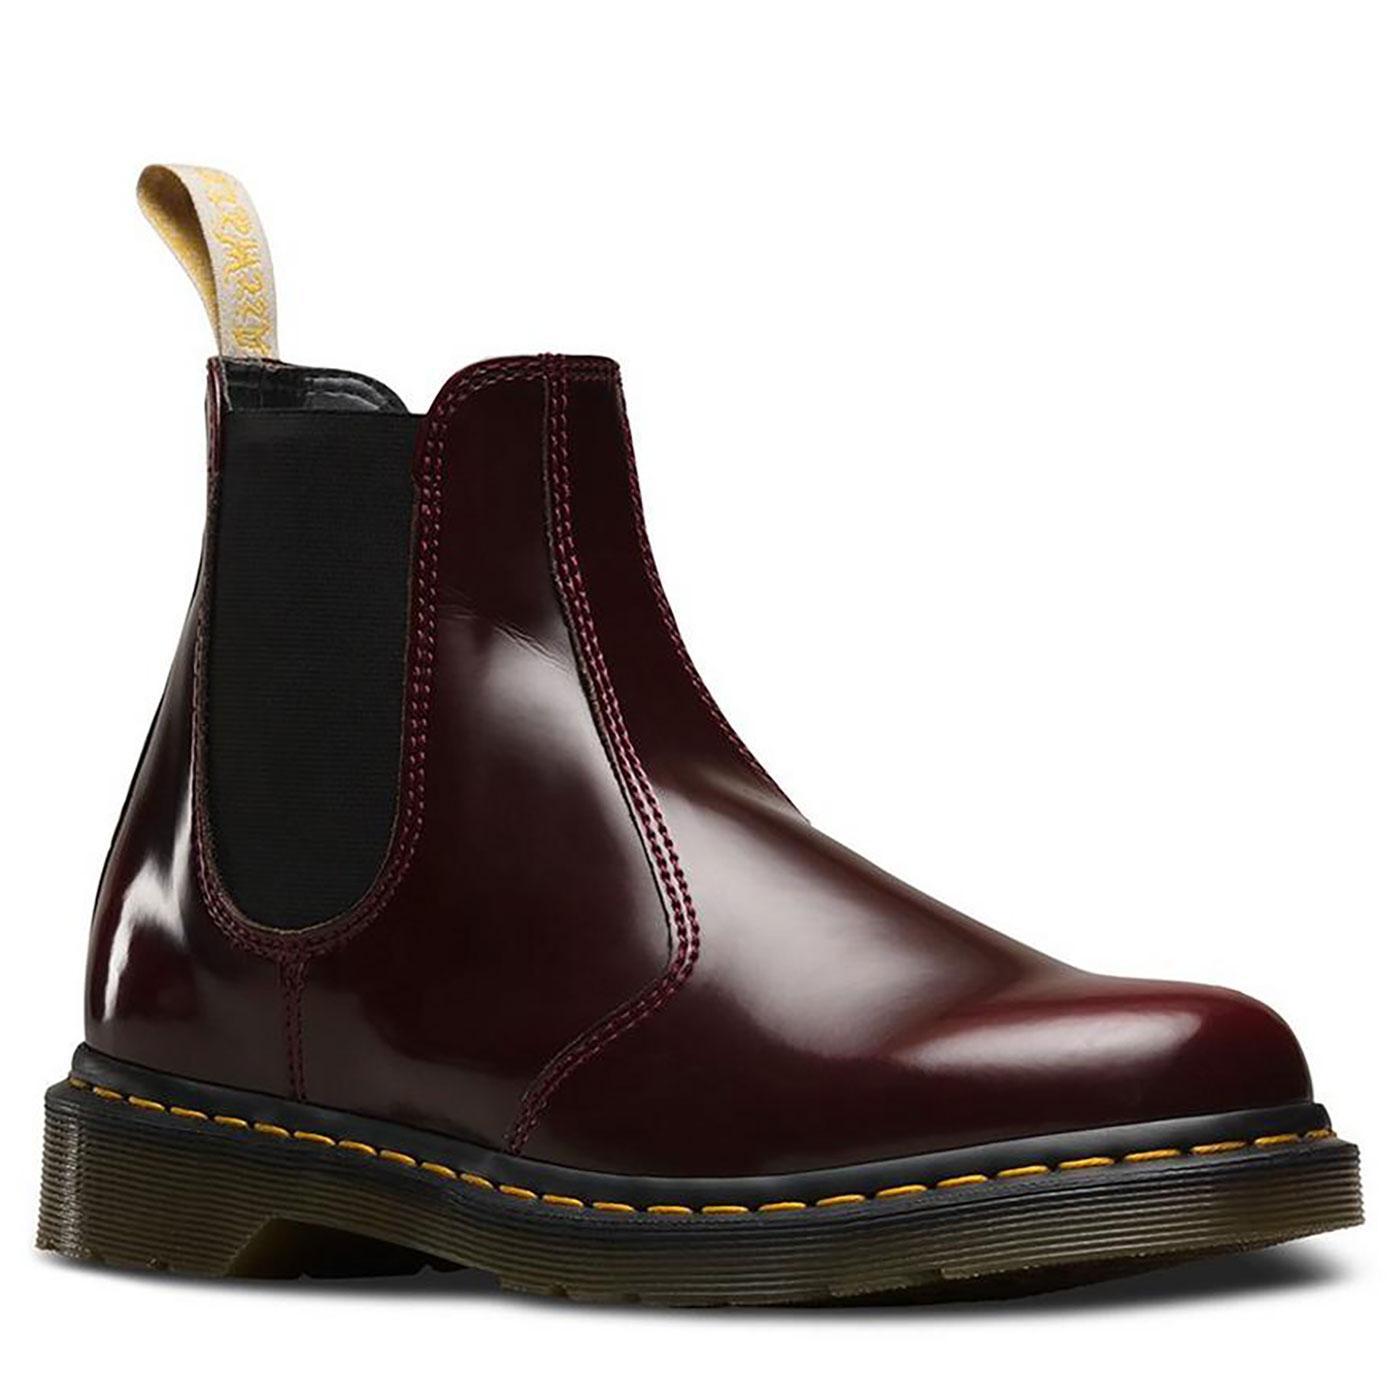 Vegan 2976 DR MARTENS Men's Oxford Chelsea Boots C